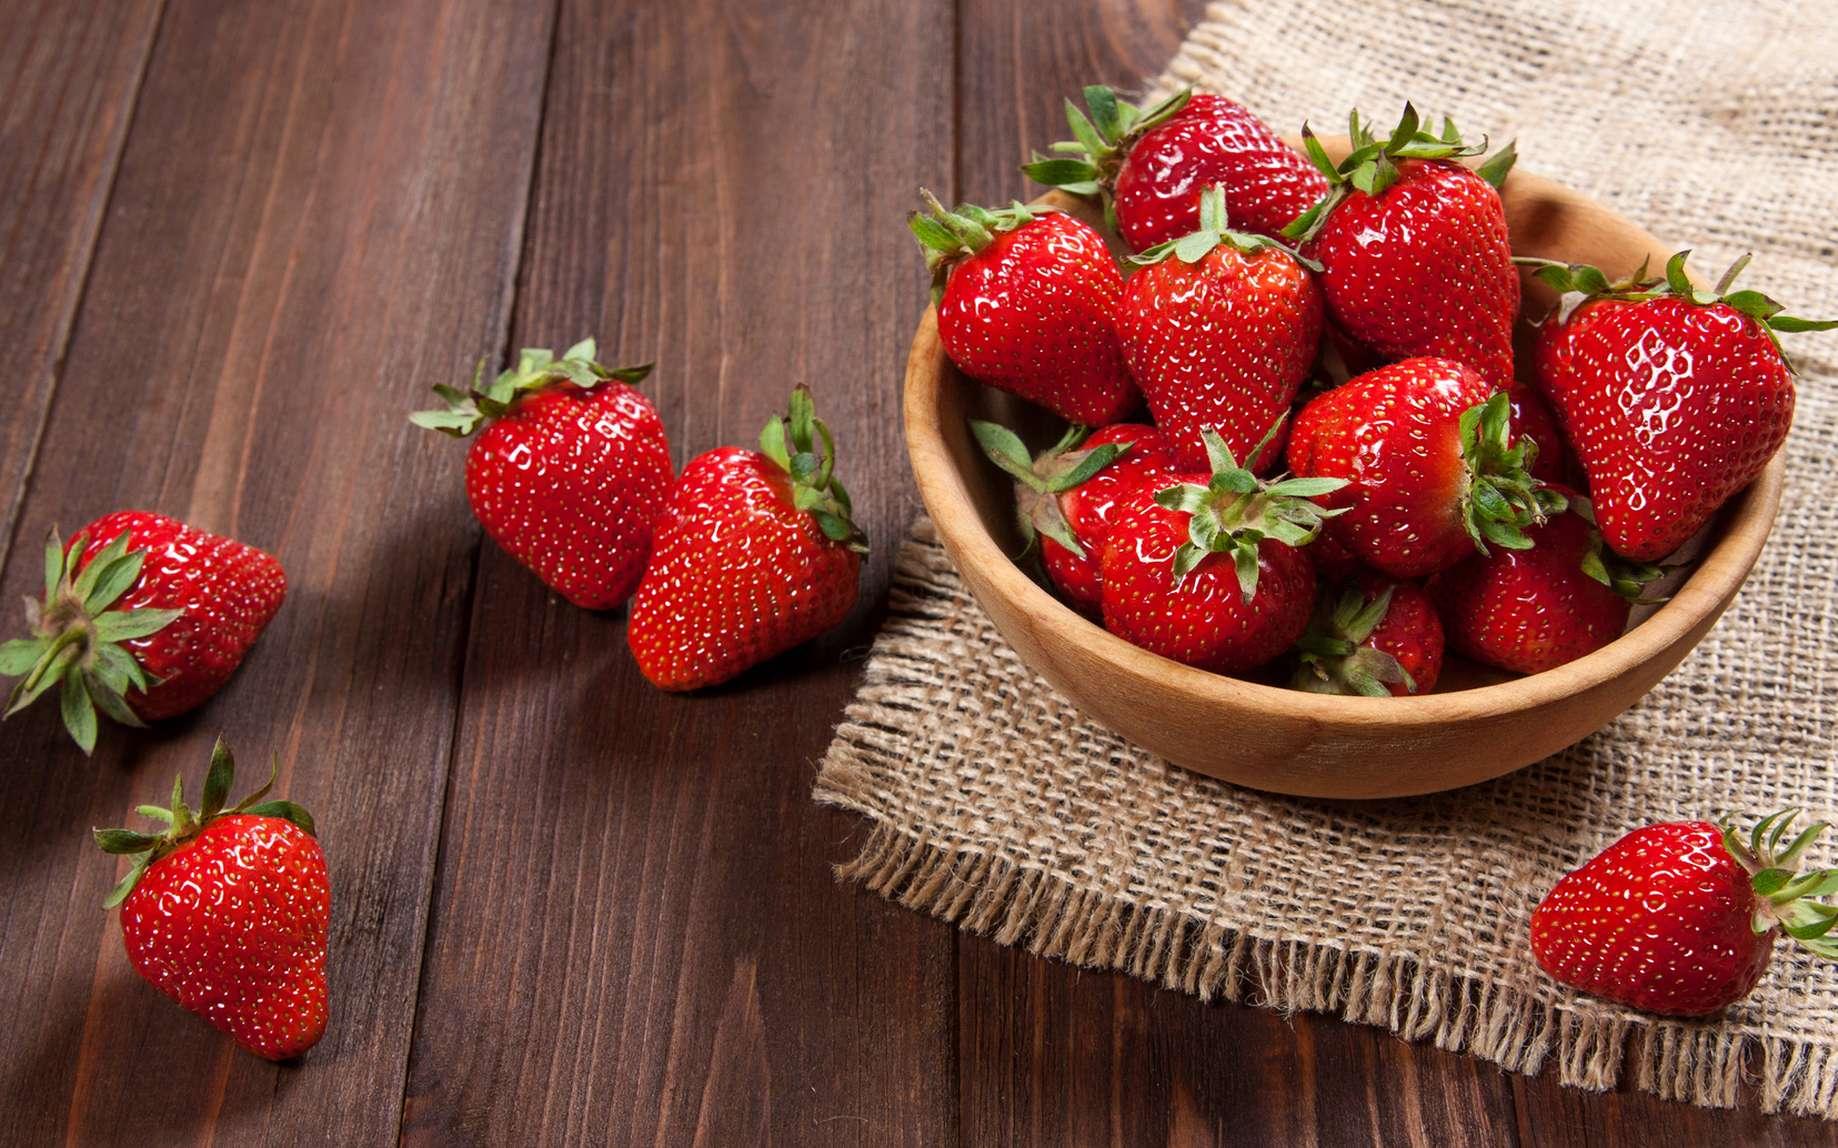 Pas facile de conserver des fraises. Comment faire ? © Виктория Орлова, fotolia